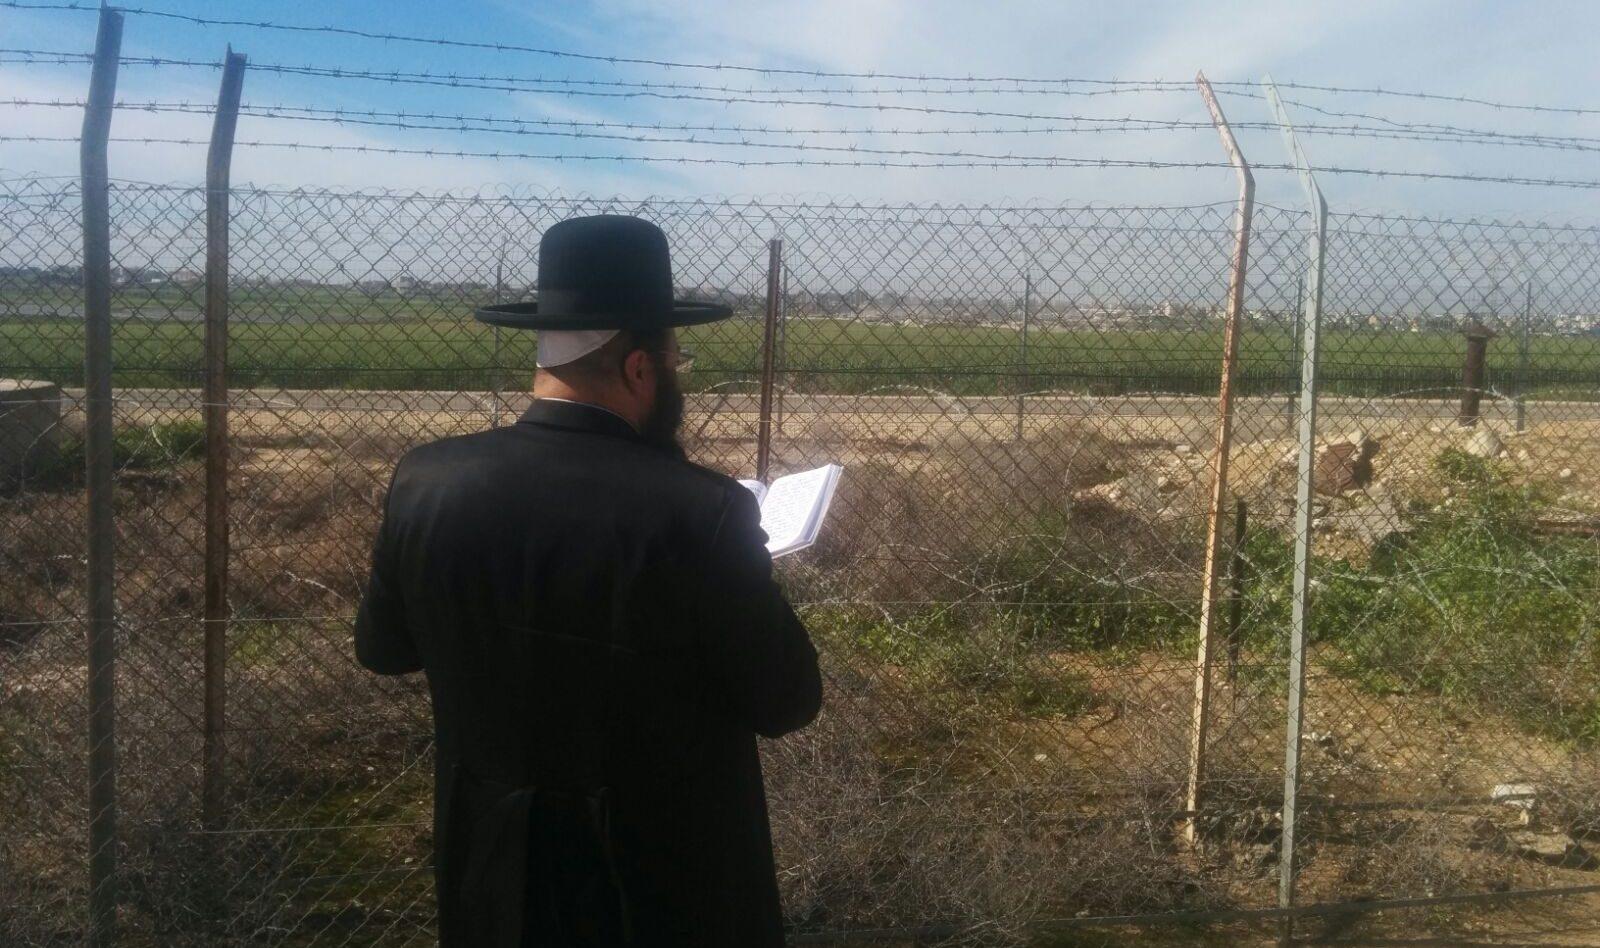 הרב נתנאל שריקי מתפלל לקריסת מנהרה בגבול עזה